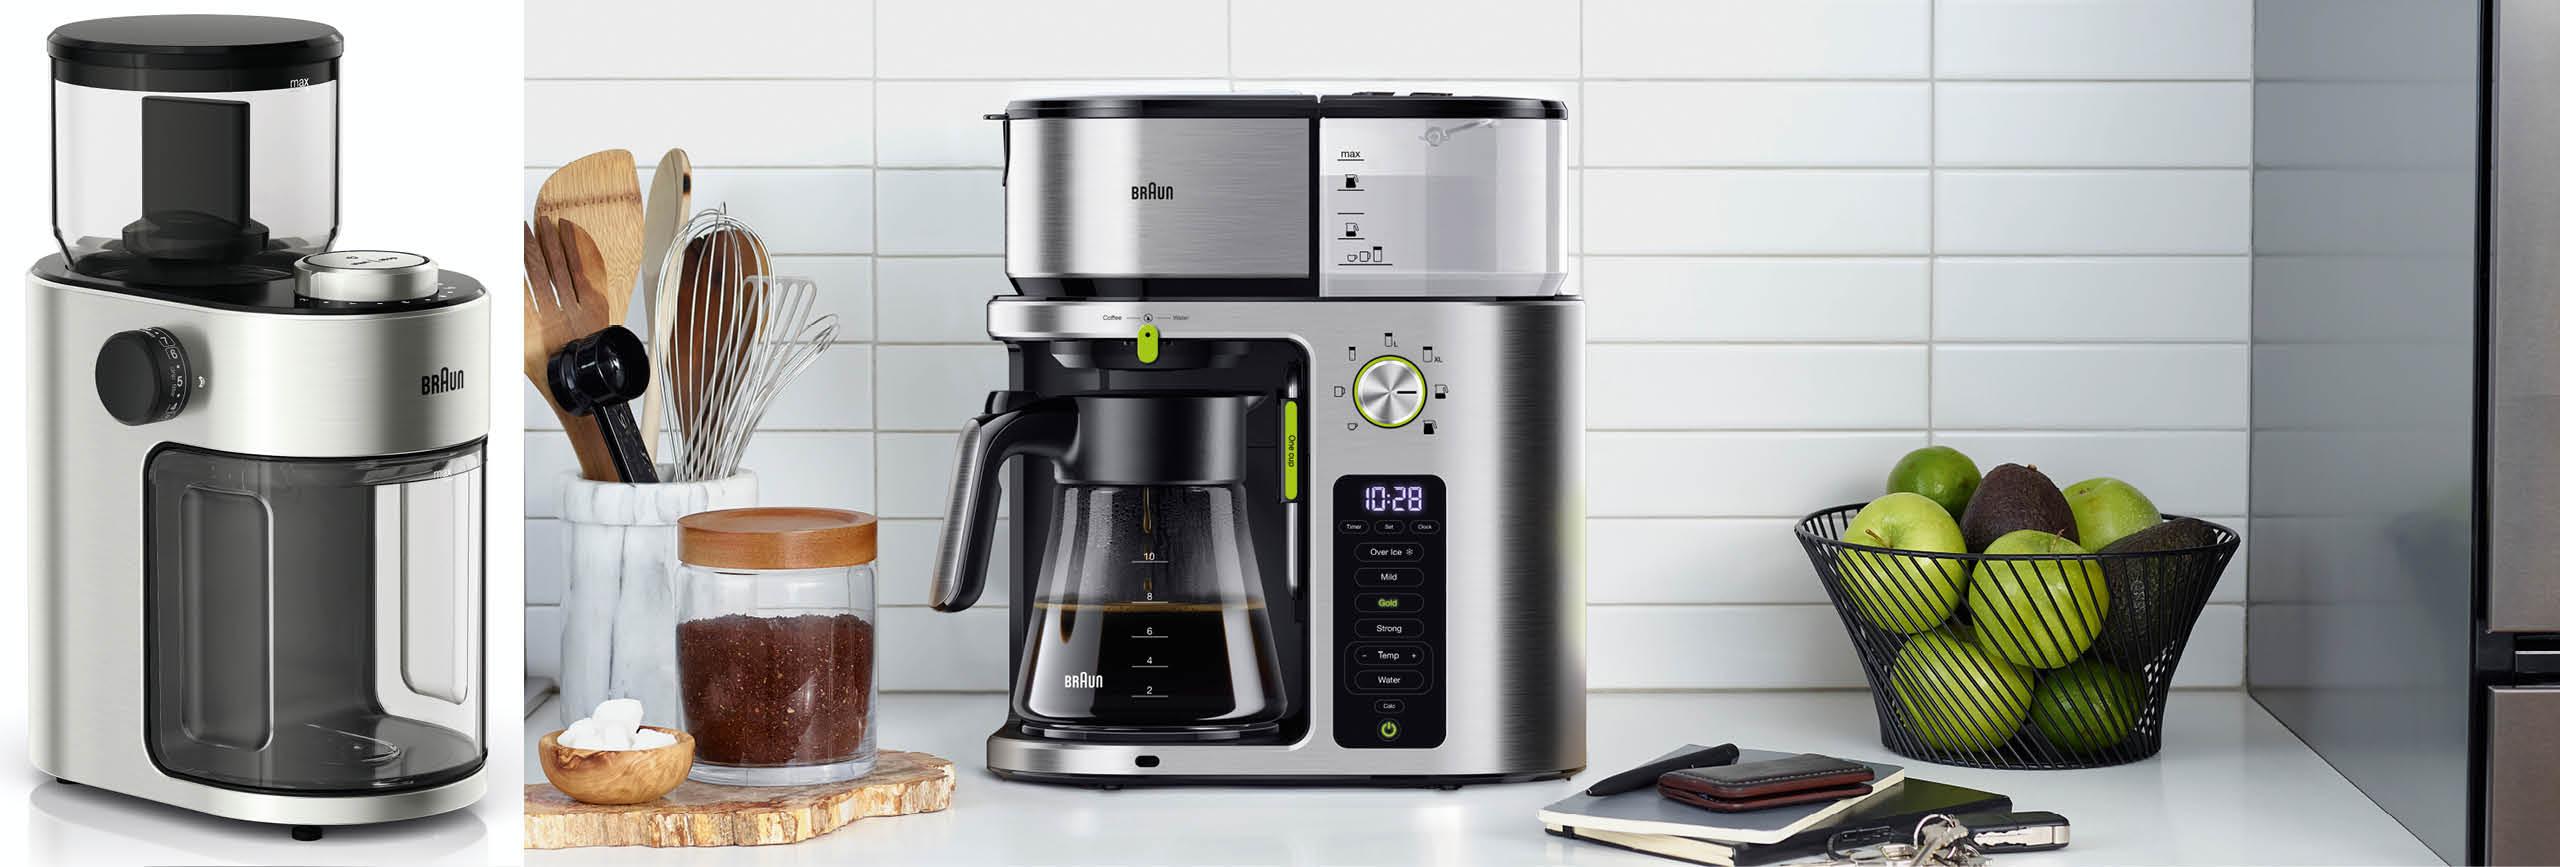 Filterkaffeemaschine und - mühle von Braun